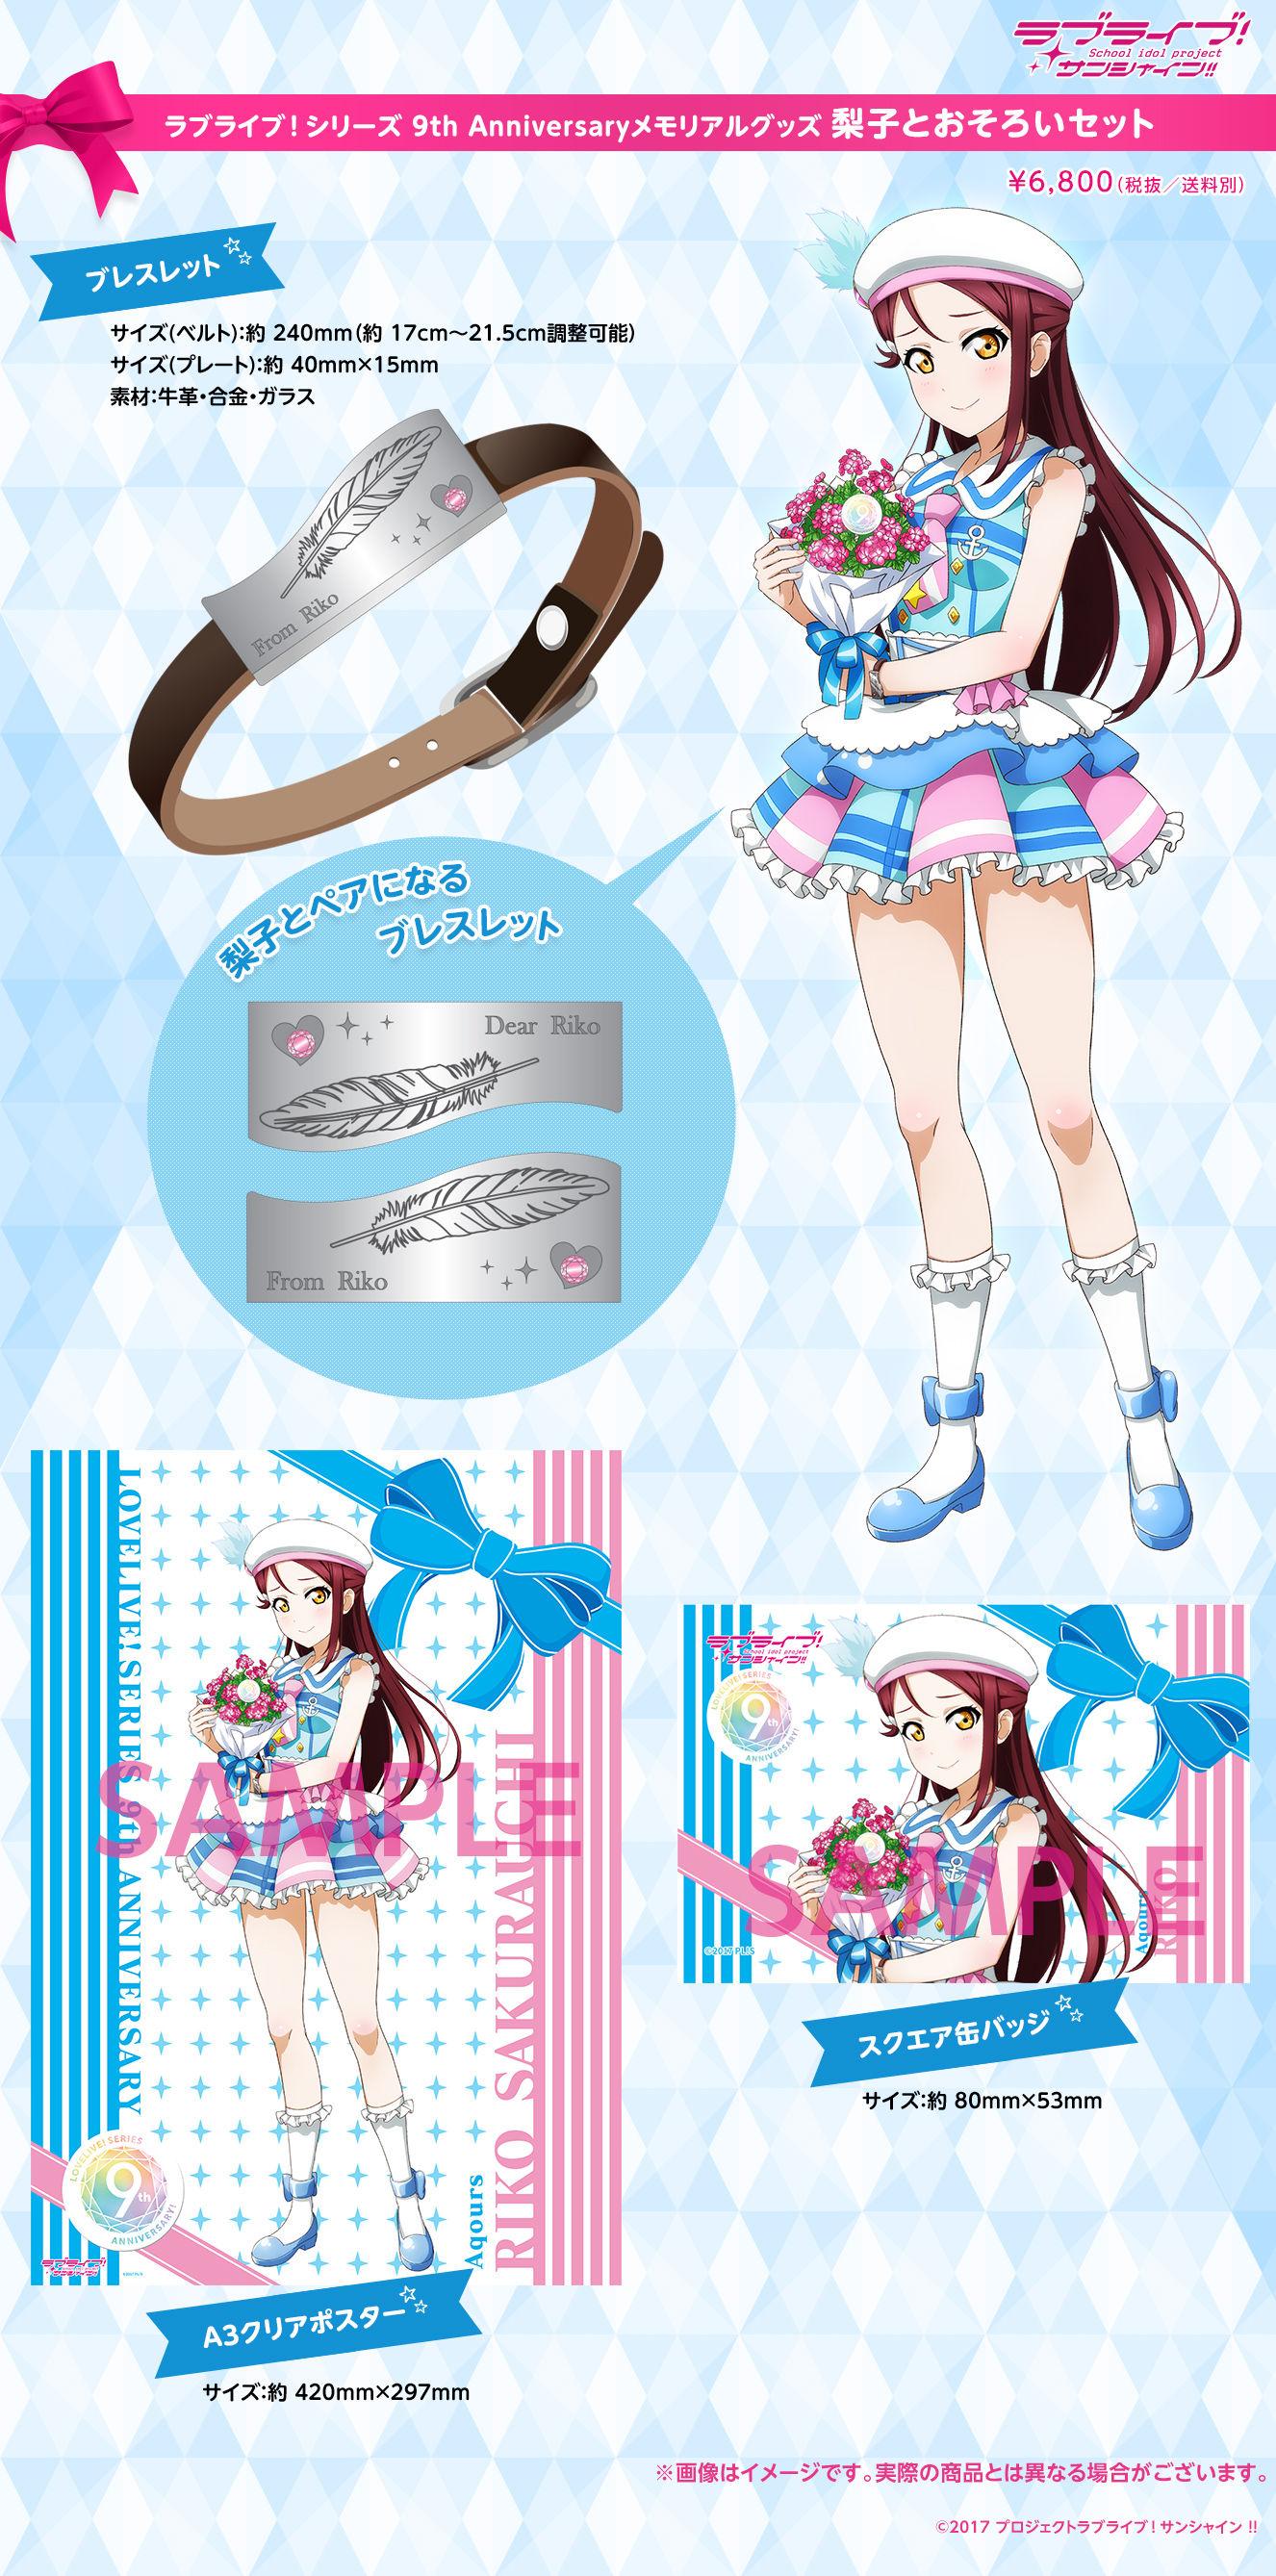 ラブライブ!シリーズ『9th Anniversaryメモリアルグッズ 梨子とおそろいセット』グッズ-001